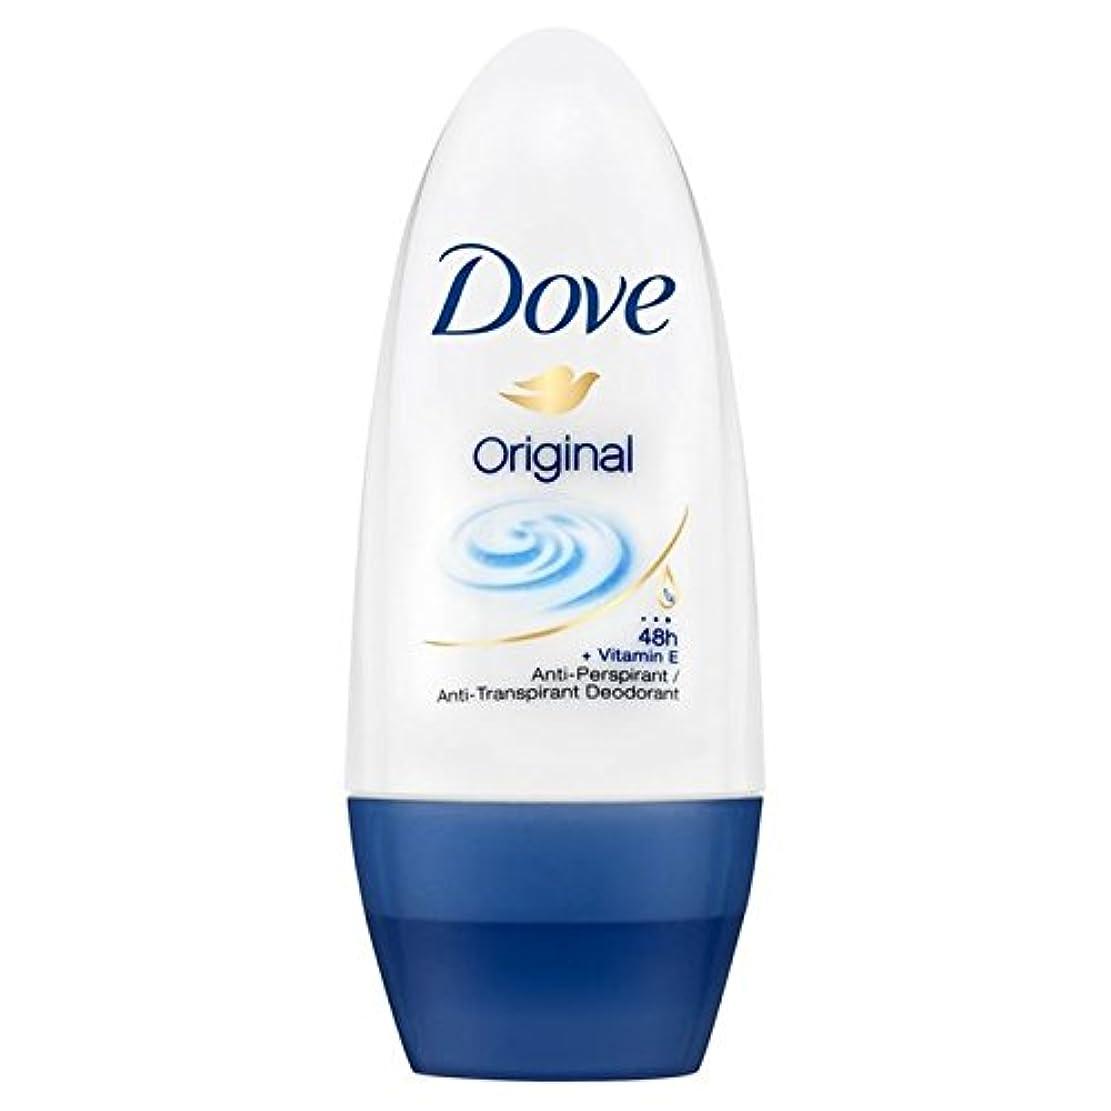 有益なボランティア乗り出す鳩のオリジナルロールオン制汗デオドラント50ミリリットル x2 - Dove Original Roll-On Anti-Perspirant Deodorant 50ml (Pack of 2) [並行輸入品]